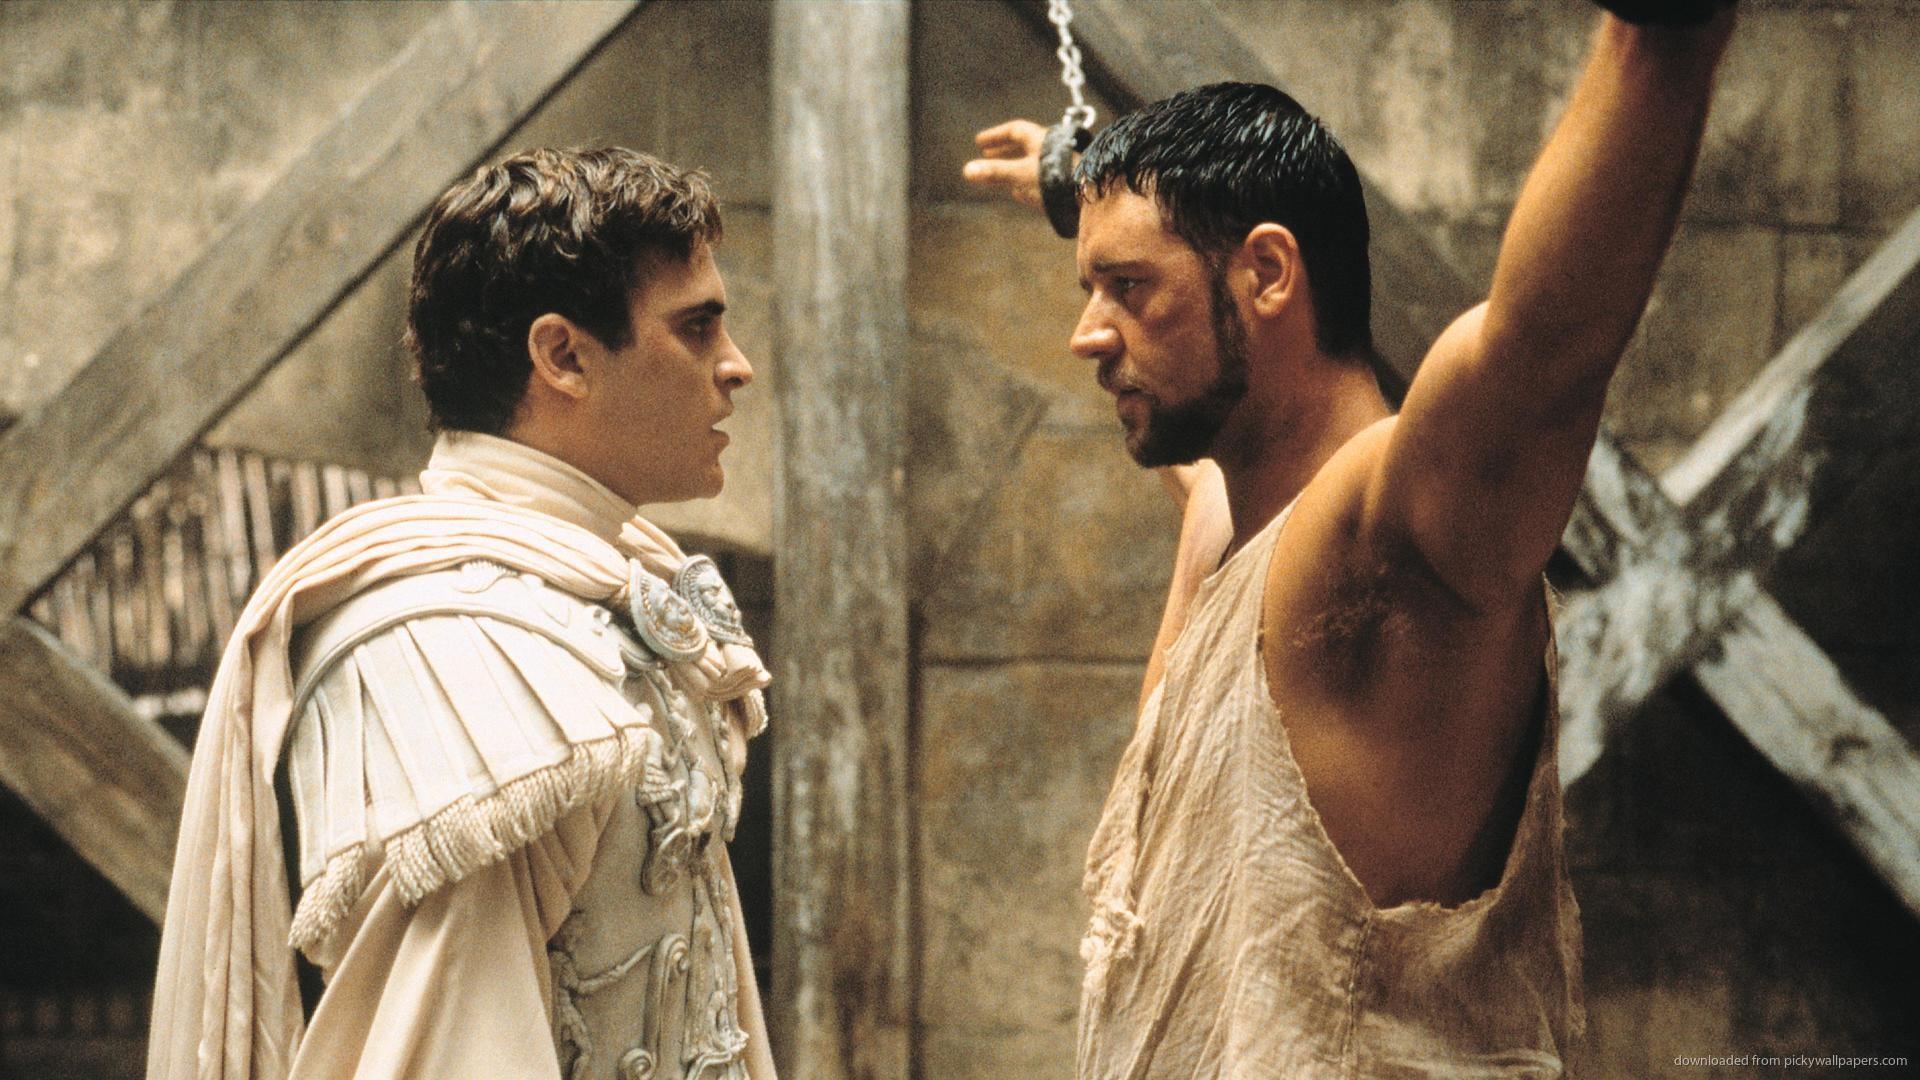 Gladiador | Clássico ganhará continuação produzida por Ridley Scott! 5